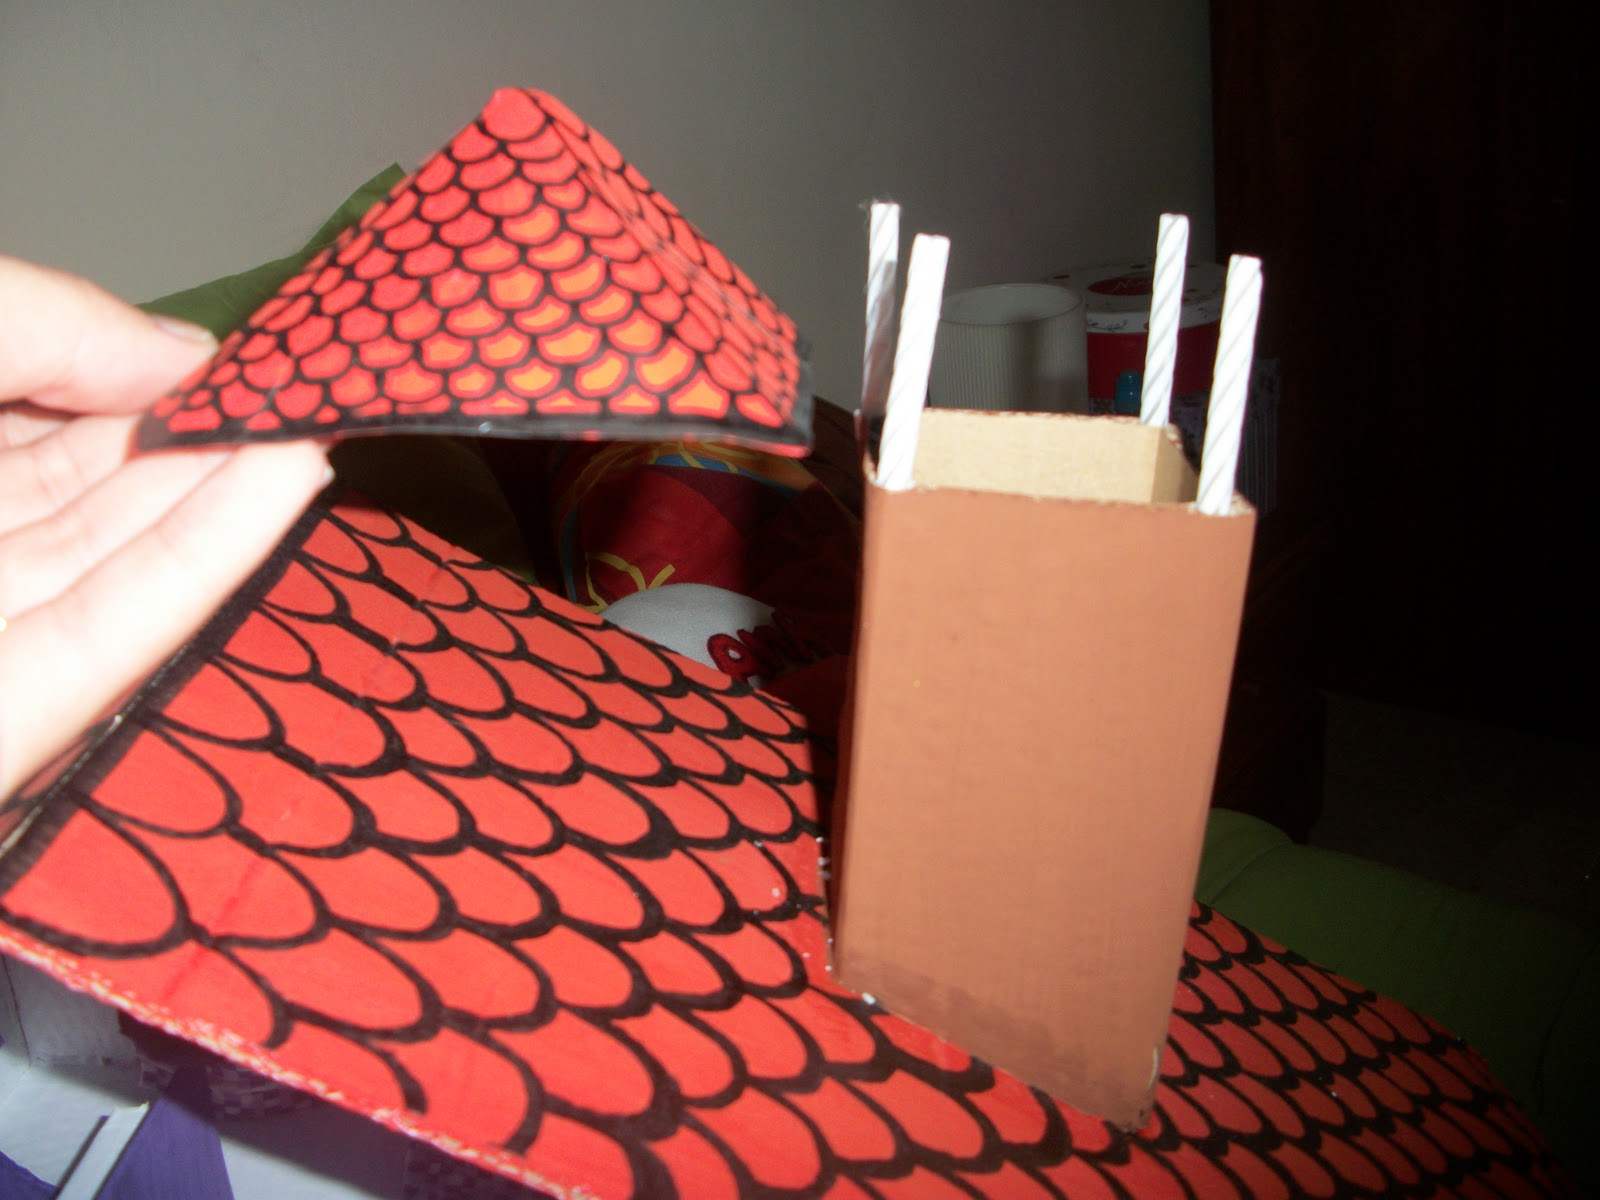 Maravillapinolandia juguete con materiales reciclados - Tipos de tejados para casas ...